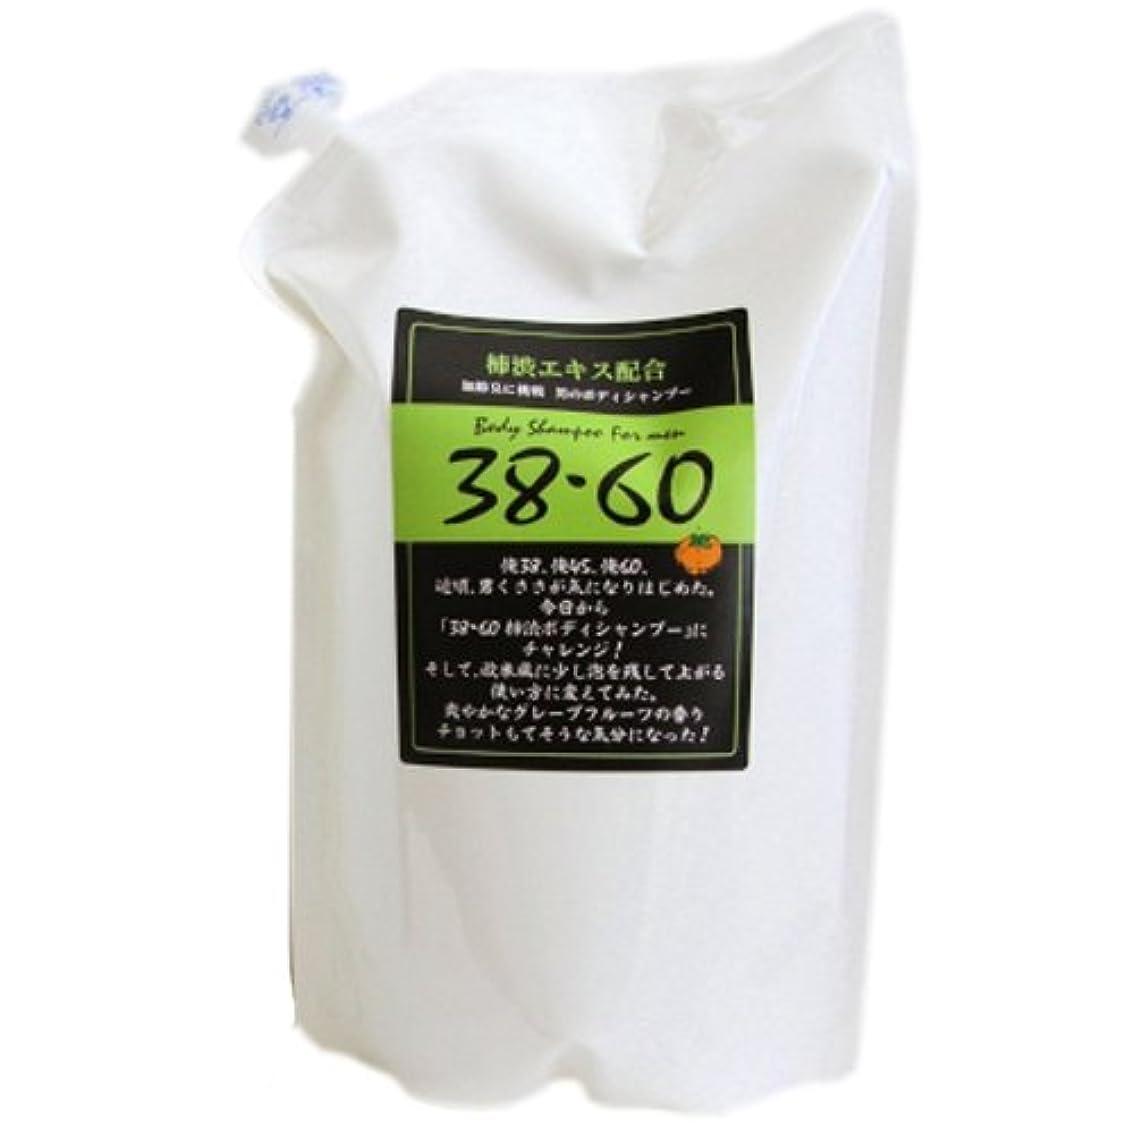 有料壮大音38・60柿渋ボディシャンプー詰替1500ml